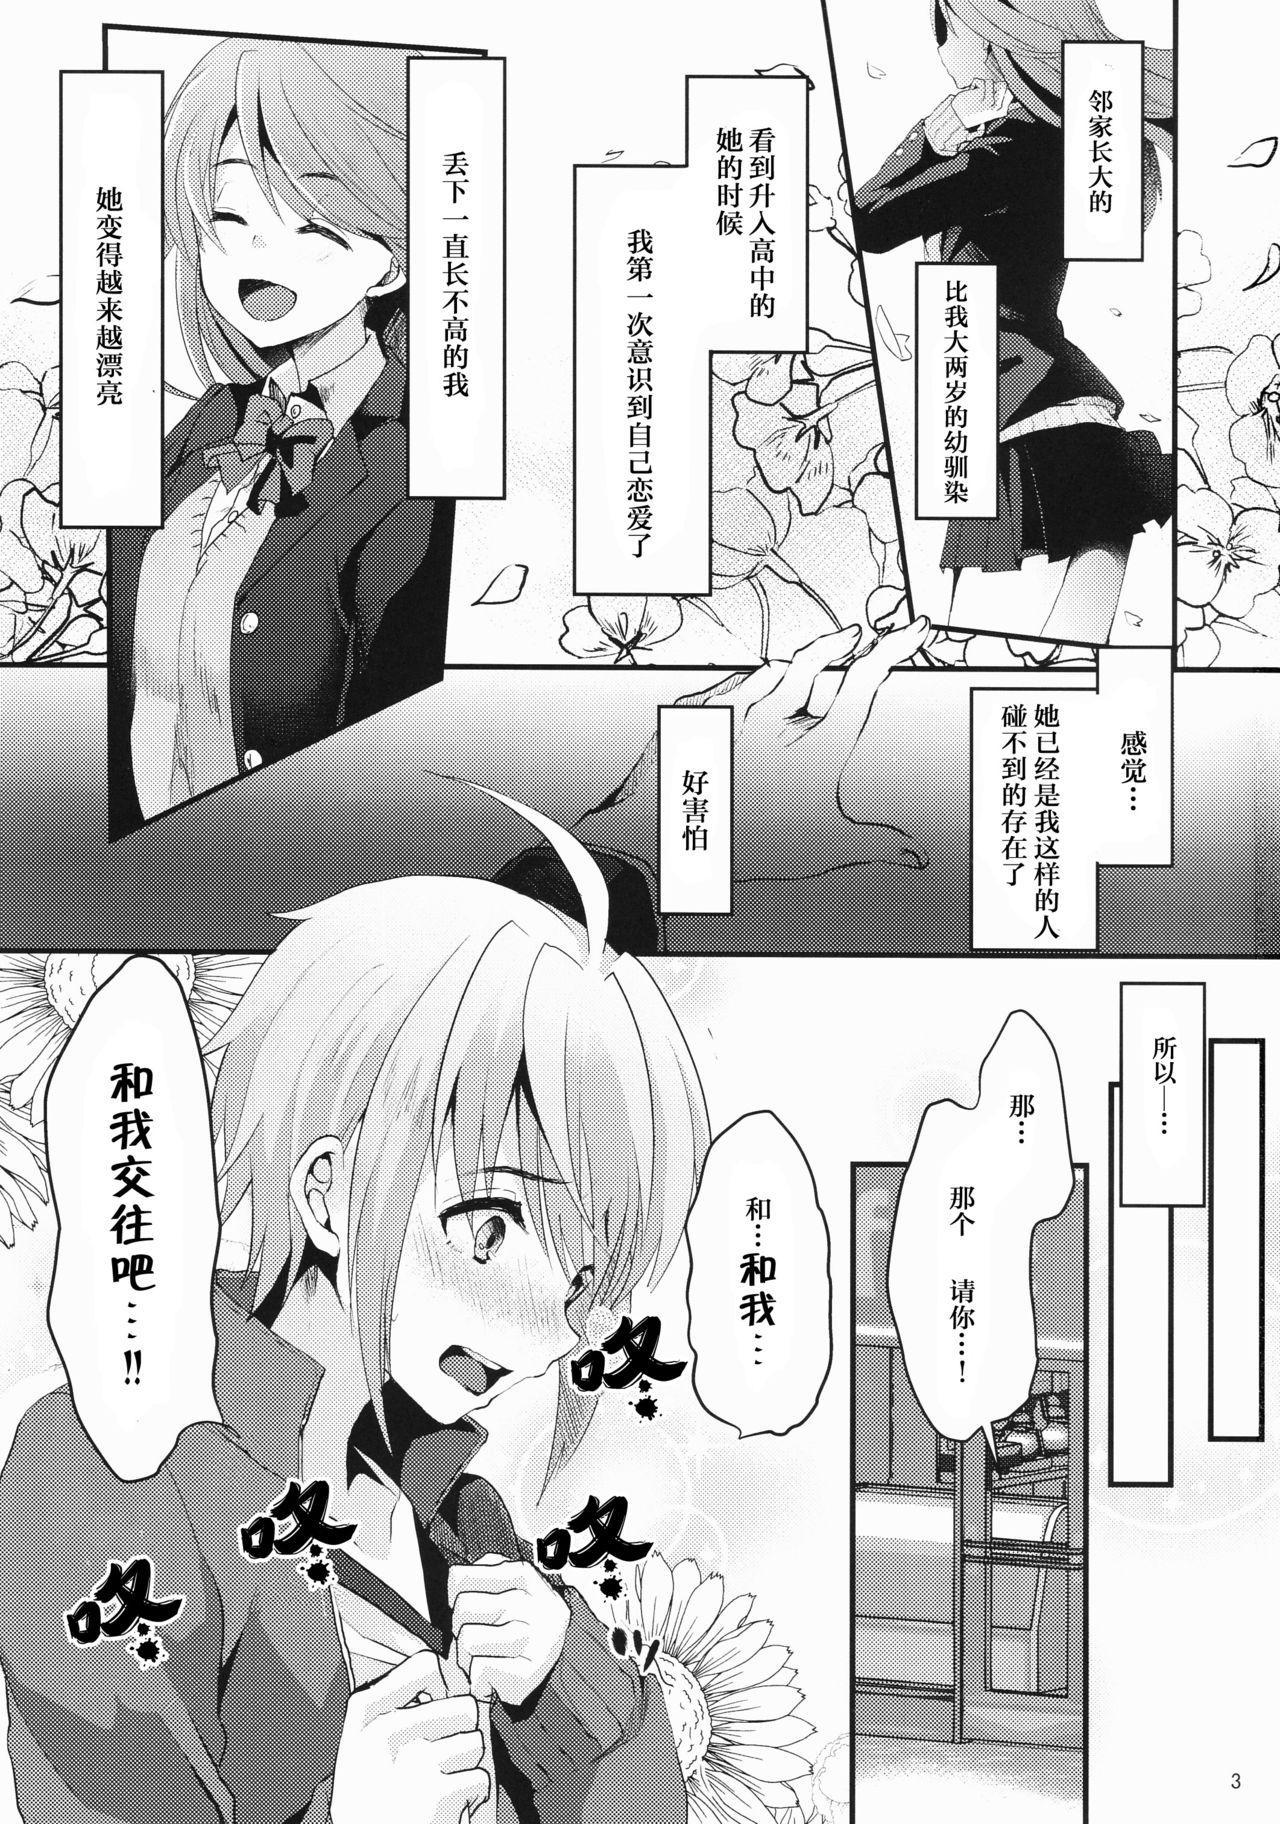 Kimi no Kareshi ni Naru Hazu datta. 1 1